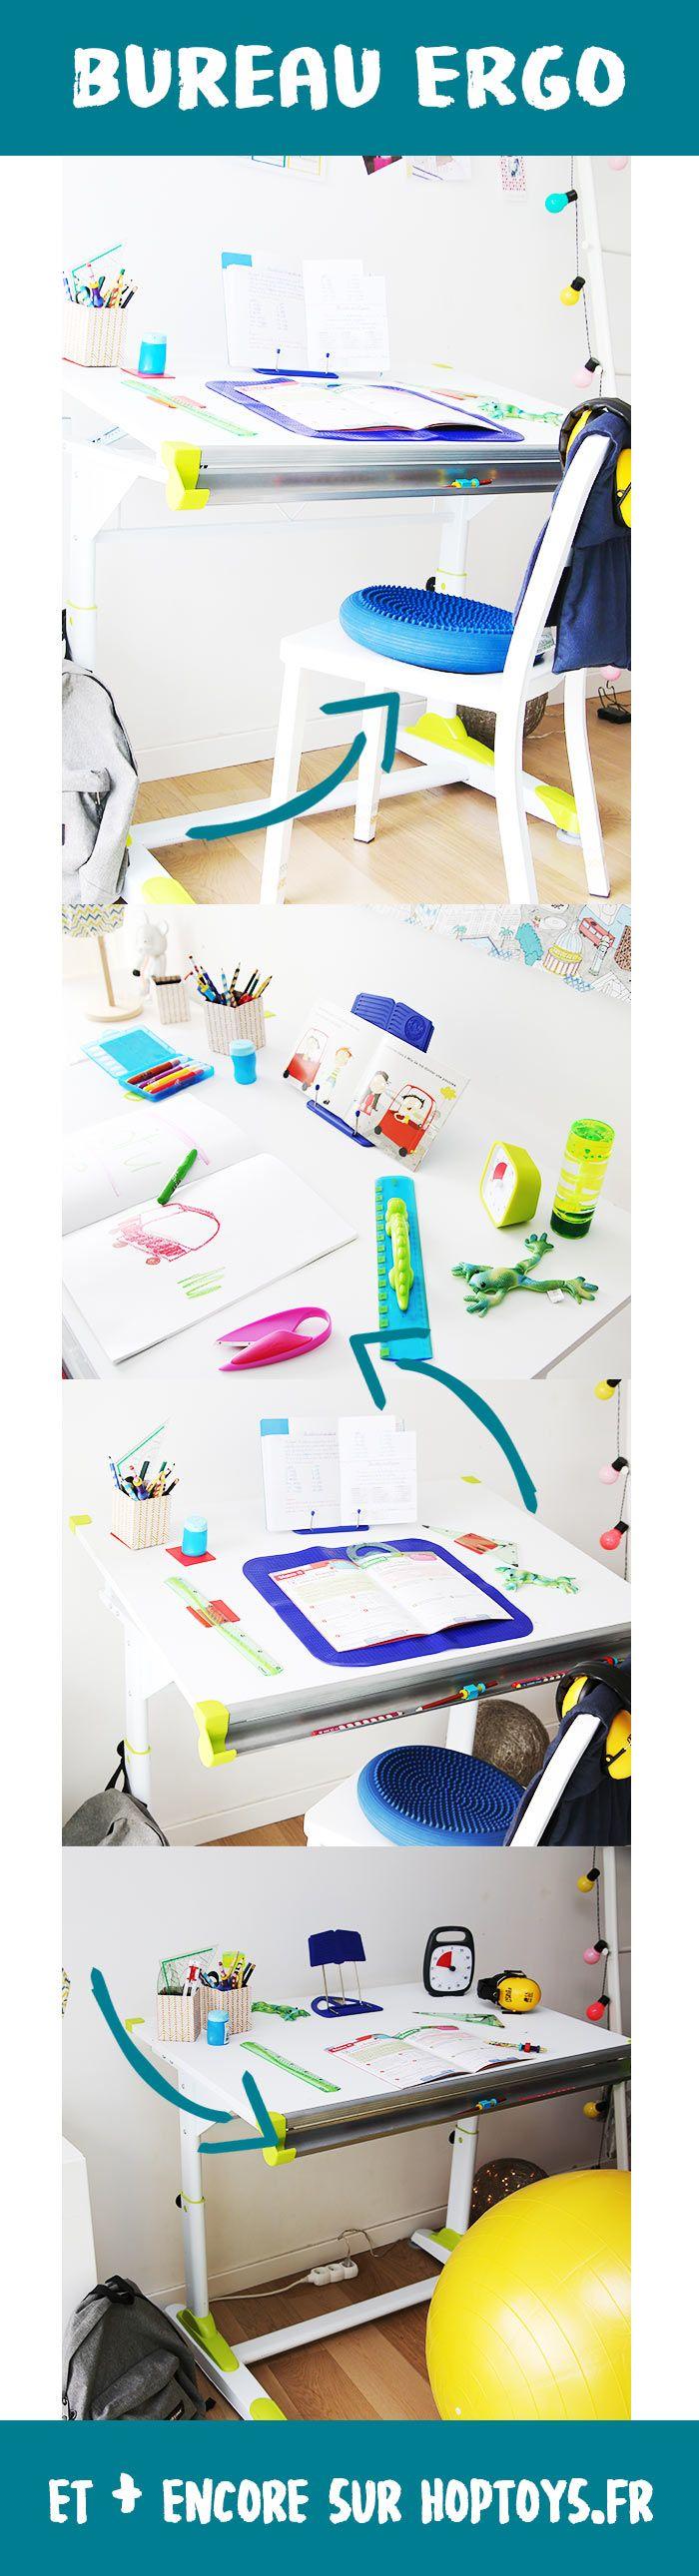 Le bureau ergonomique : étudier confortablement ! Parce que chaque enfant à besoin d'un bureau qui lui soit adapté personnellement, un bureau ergonomique lui permettra de lire, d'écrire et d'étudier en tout confort ! Adapté à sa taille, à ses besoins et à ses compétences, le bureau ergonomique et ses outils adaptés aideront l'enfant dans sa concentration et dans son autonomie. Stylos, crayons, pupitre et autres fournitures